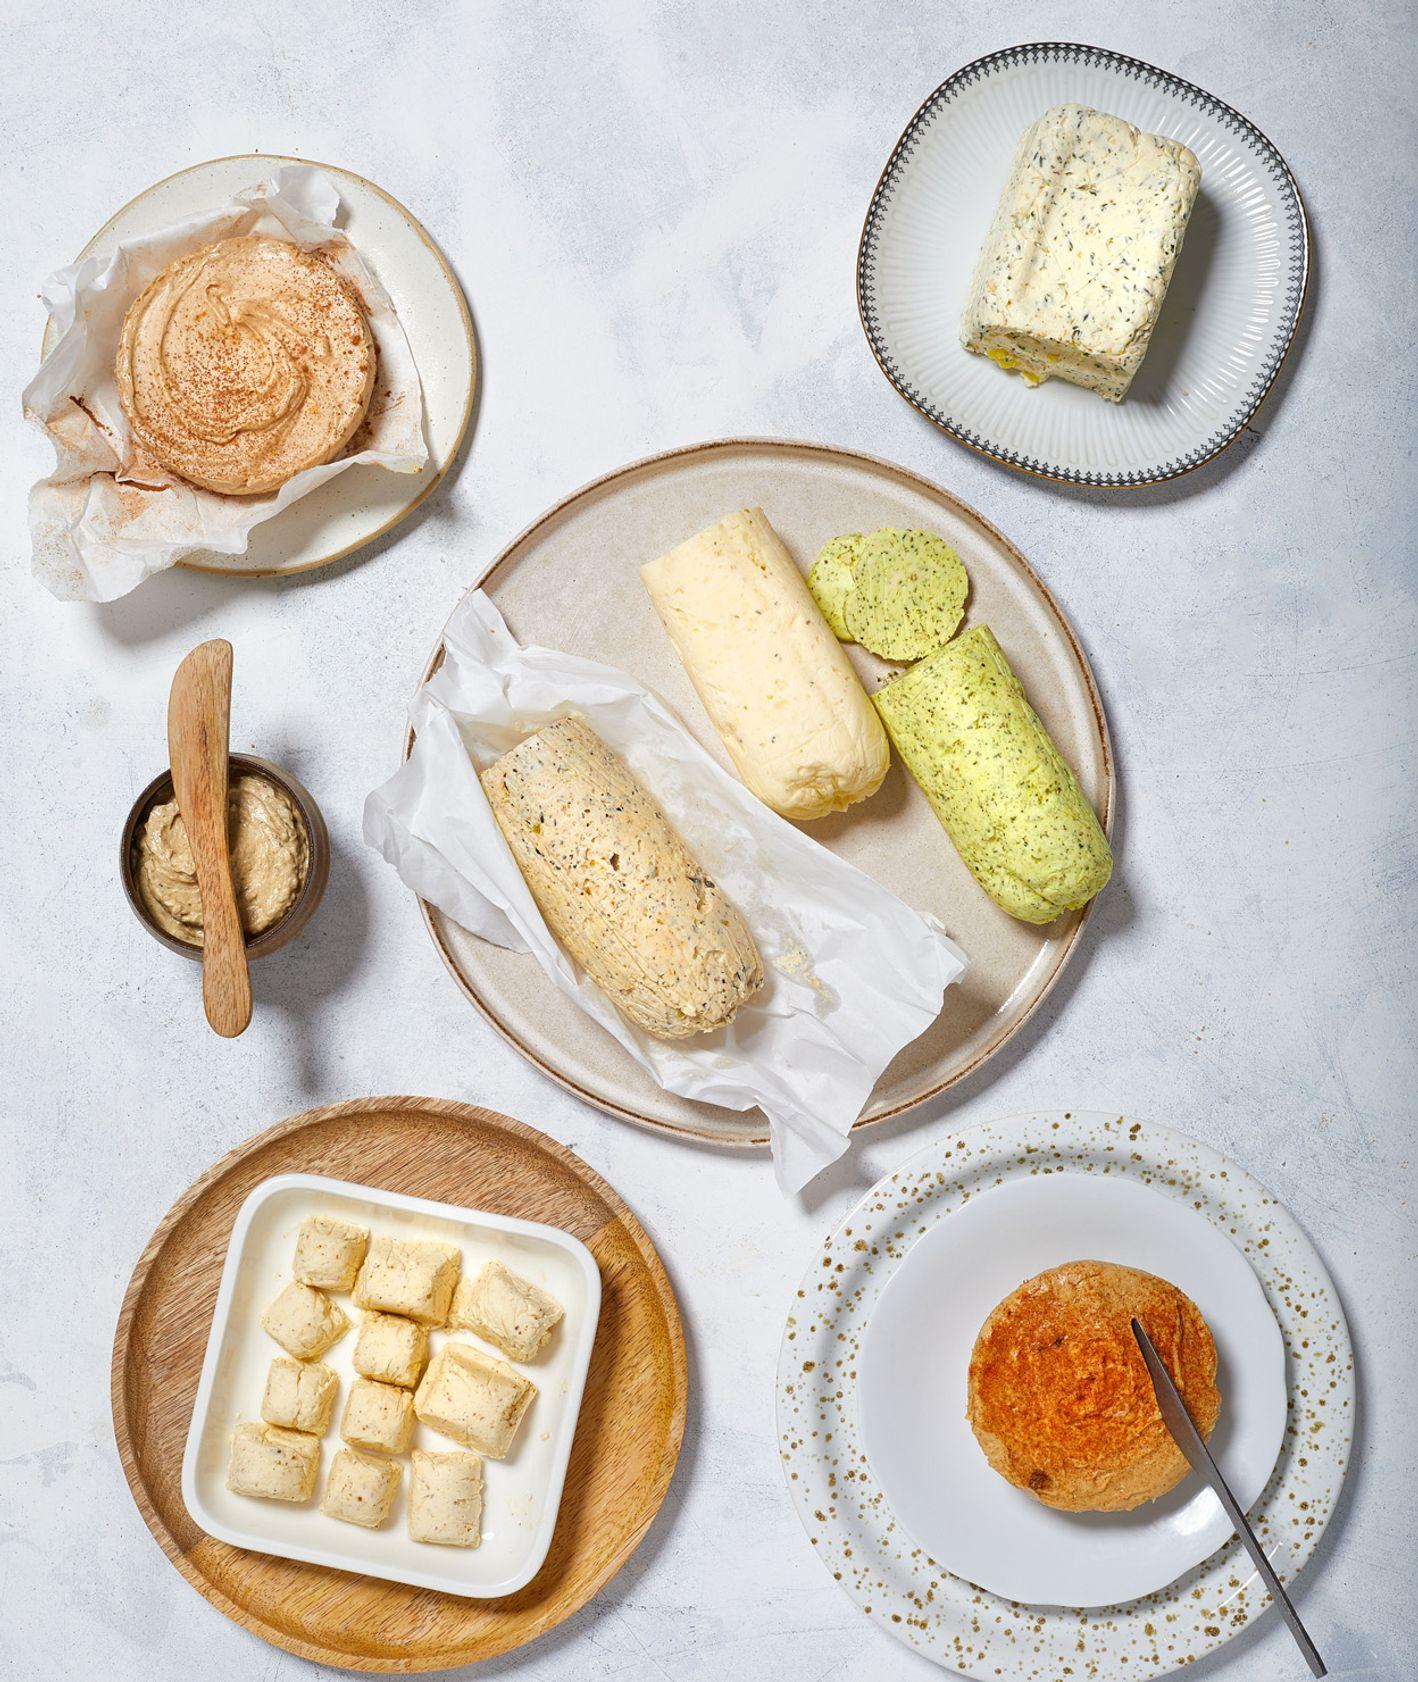 Kompozycja maseł smakowych (fot. Maciek Niemojewski)